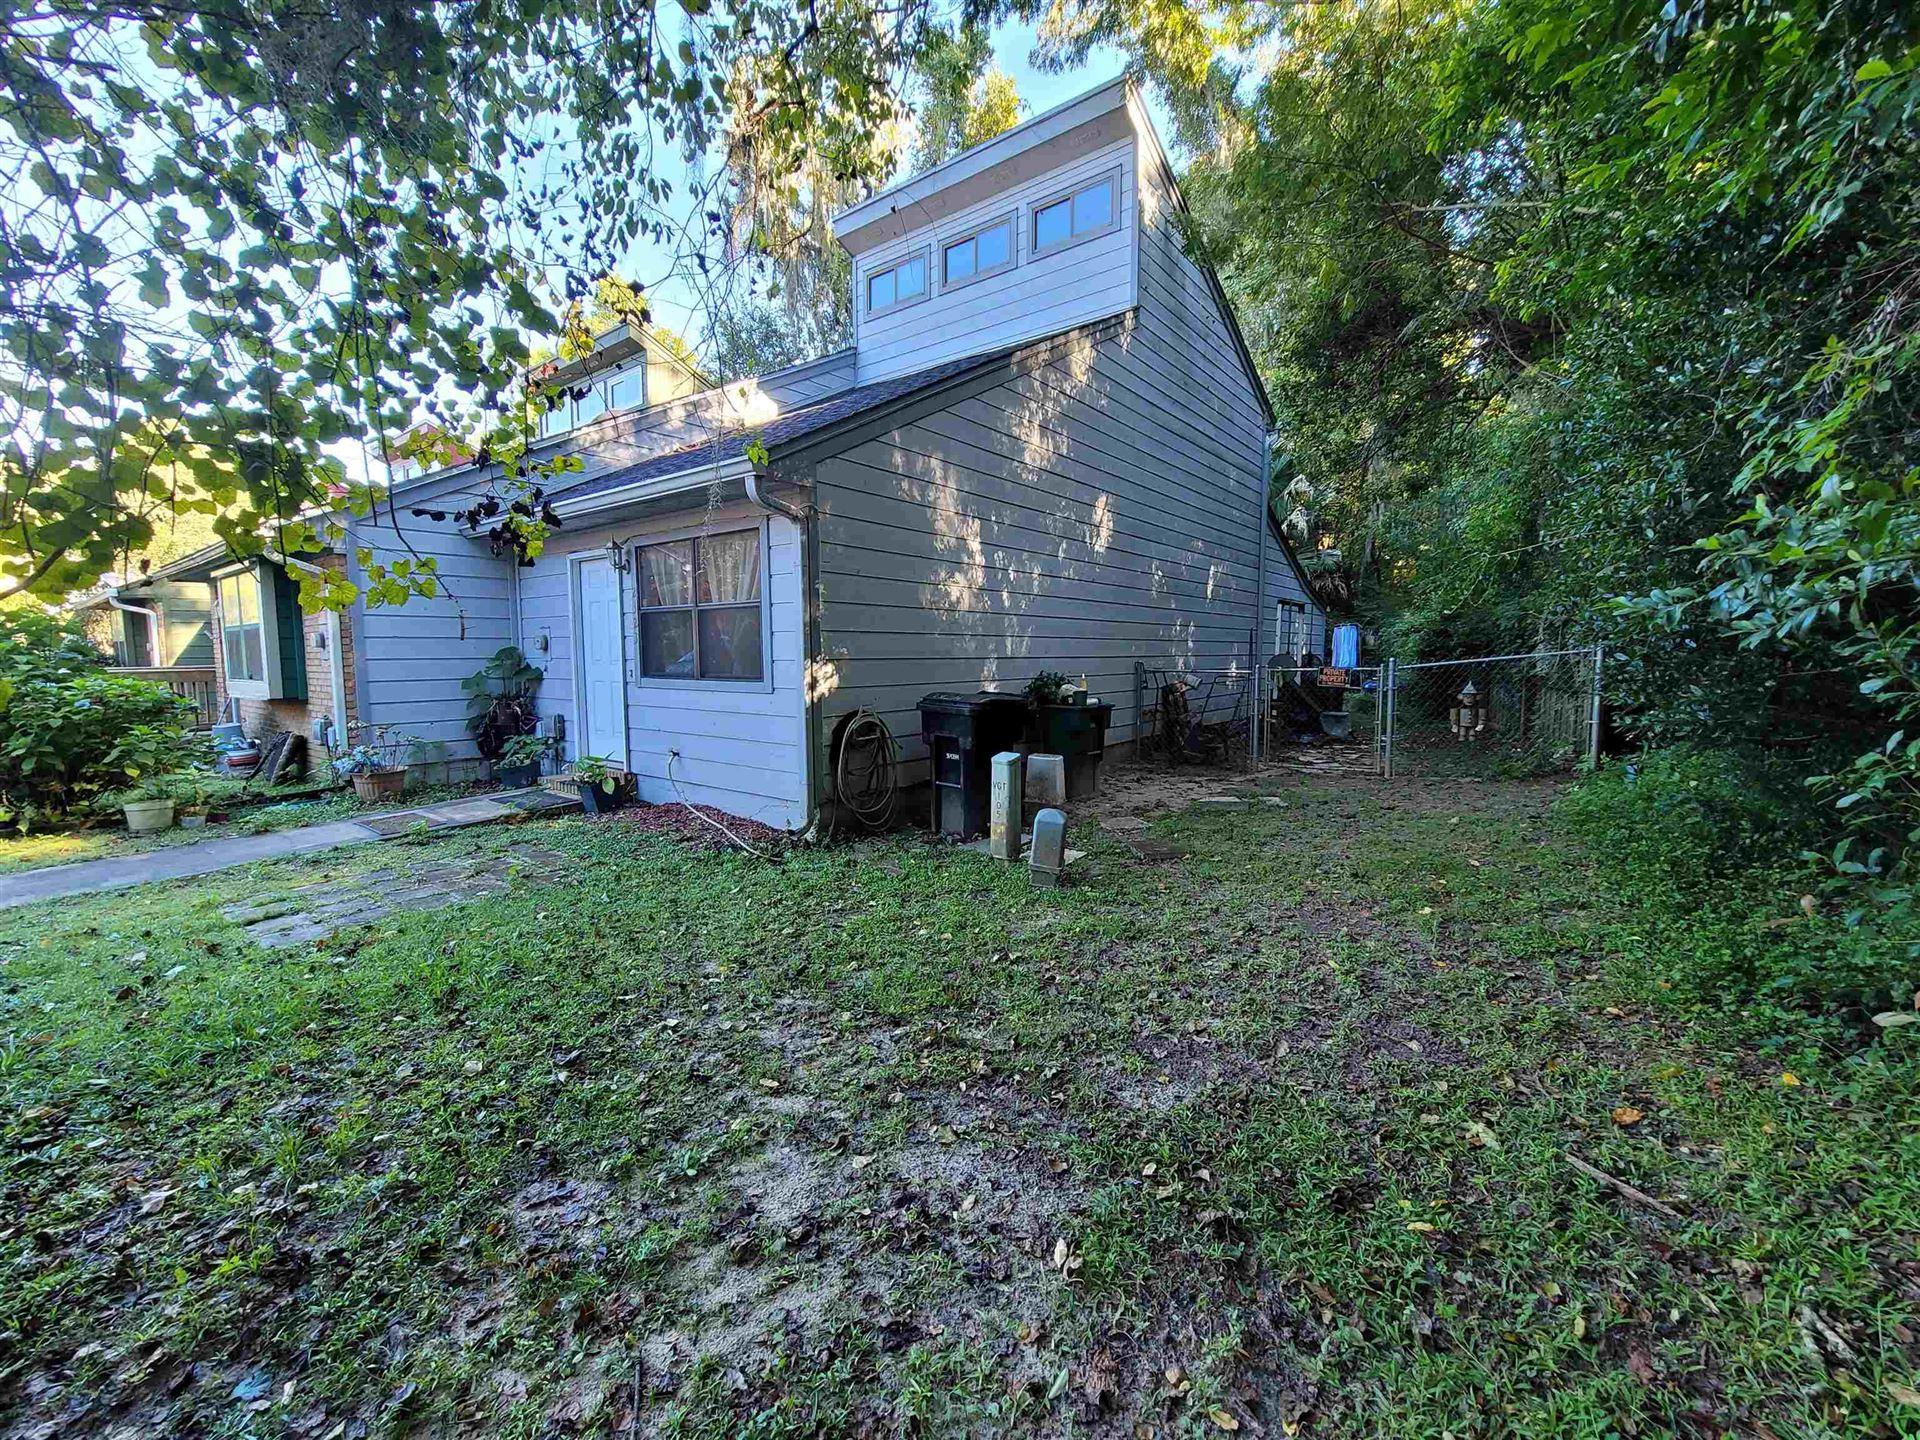 2323 Tina Drive, Tallahassee, FL 32301 - MLS#: 337974